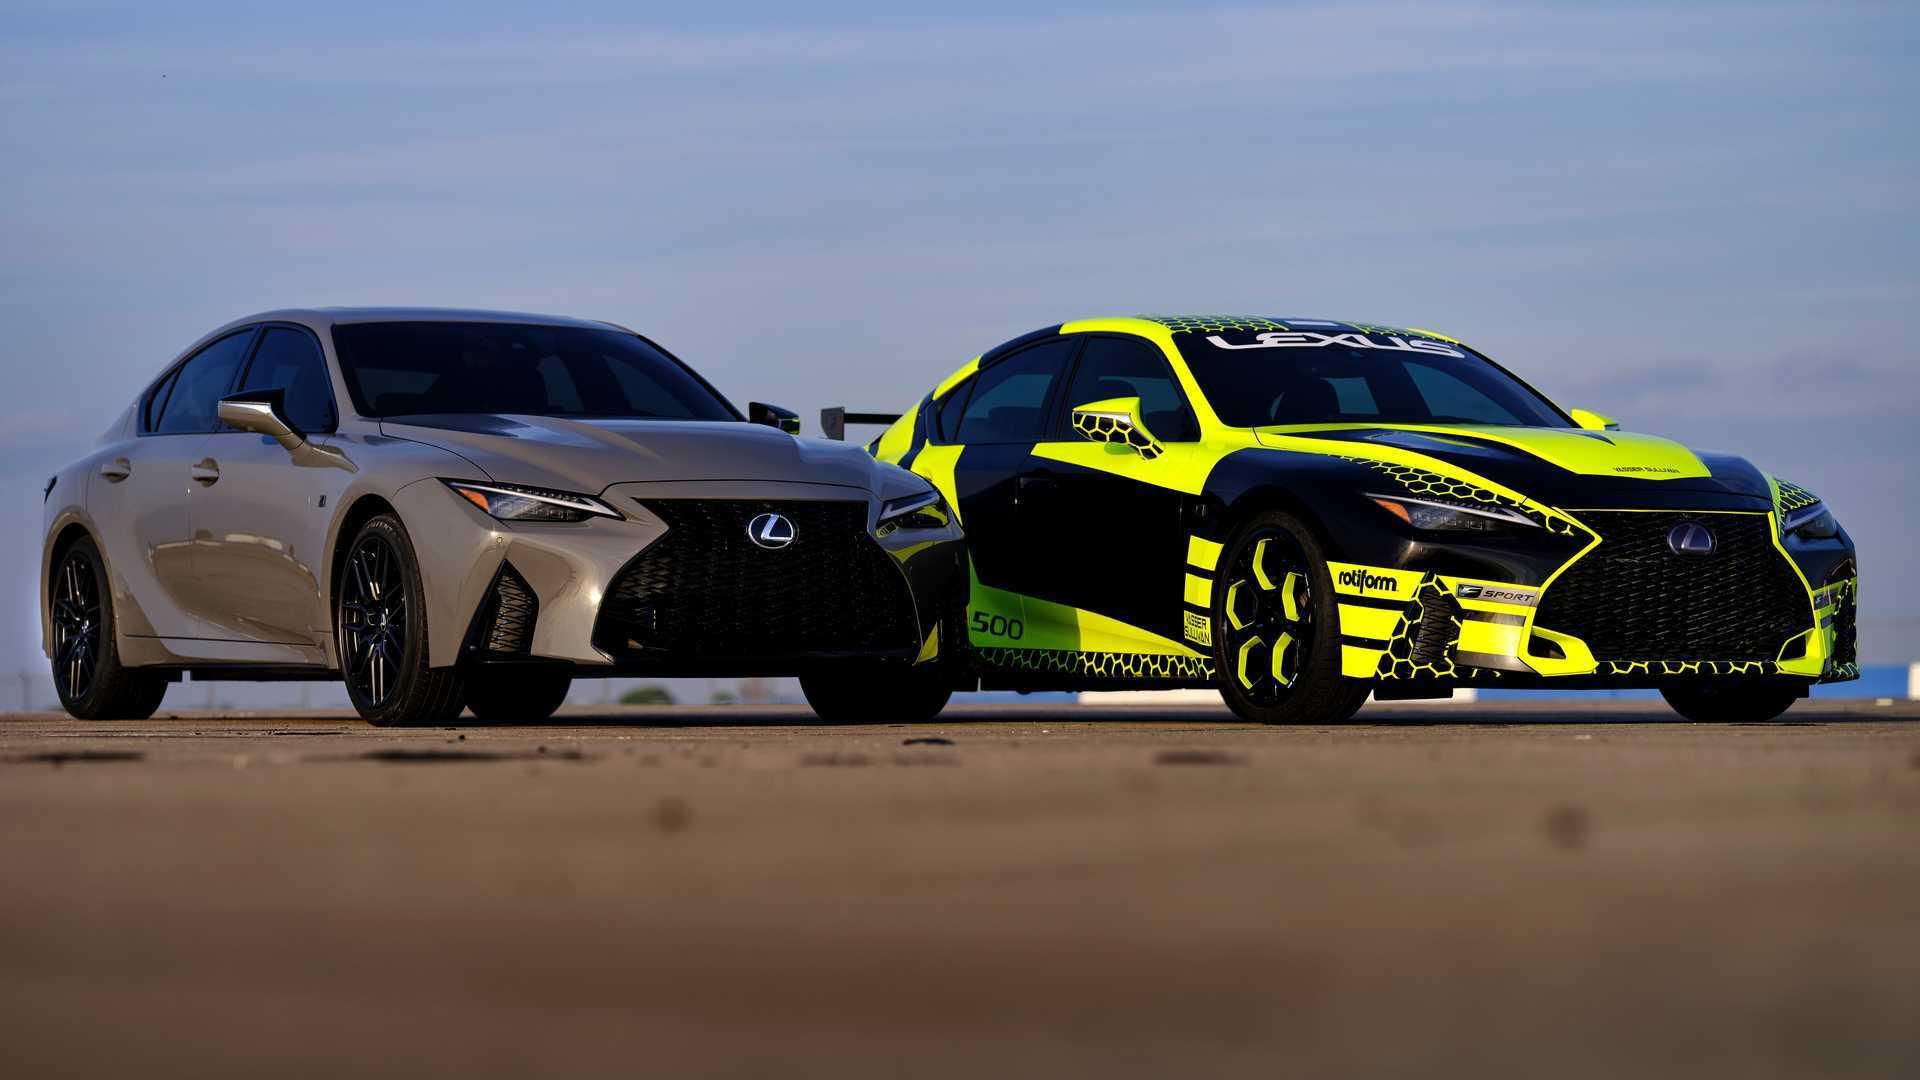 اولین نسخه لکسوس IS 500 F Sport  با رنگی جدید تولید می شود